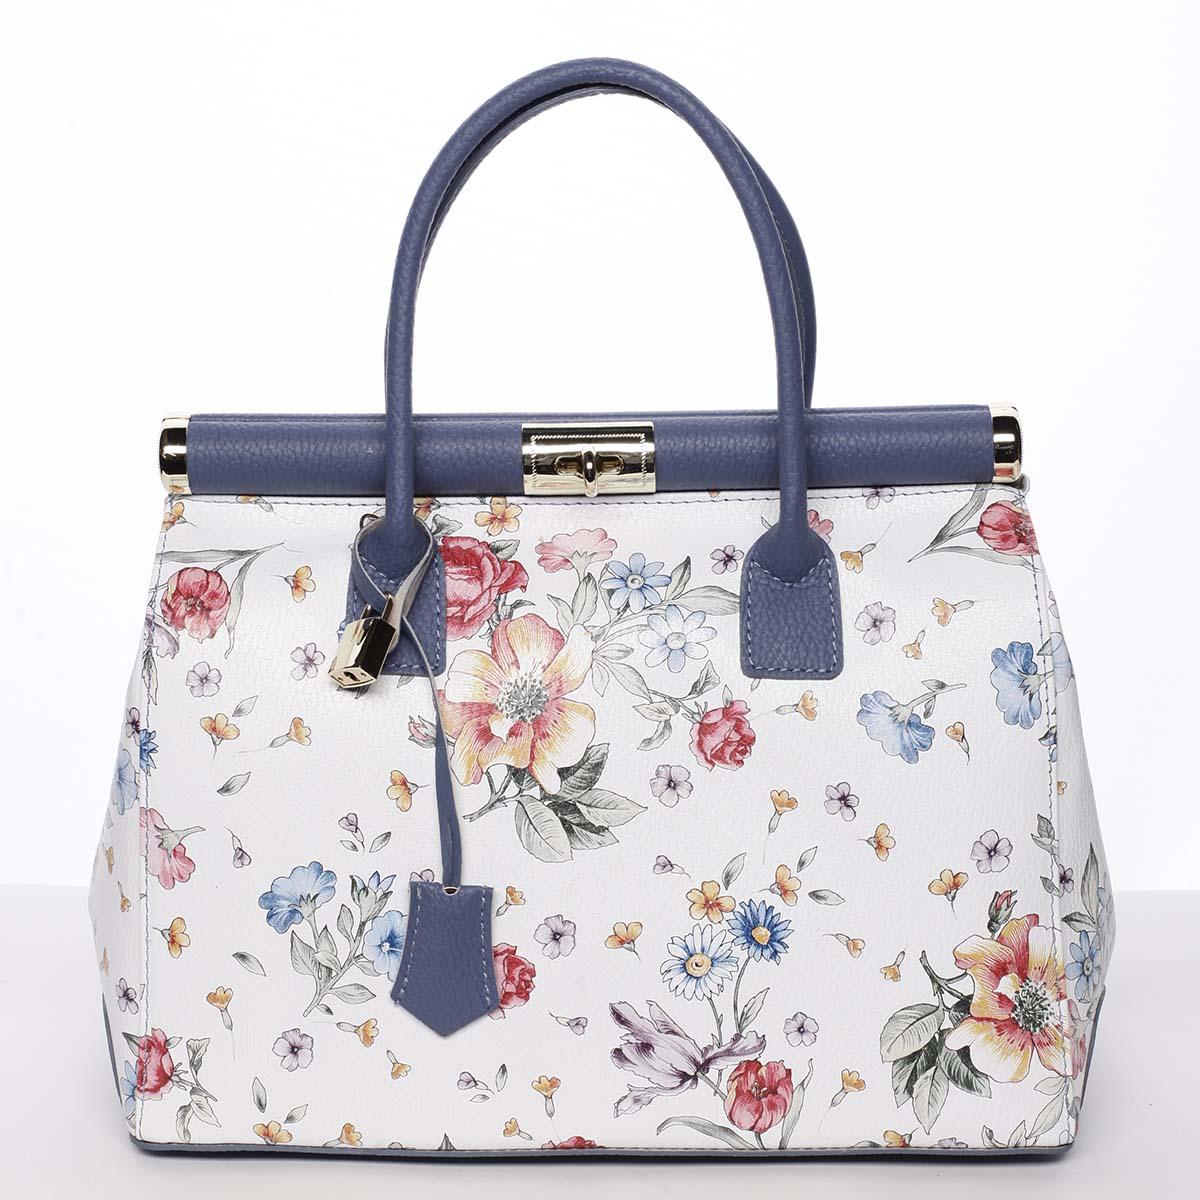 Originálna módna dámska kožená kabelka do ruky modrá kvetovaná - ItalY Hila modrá